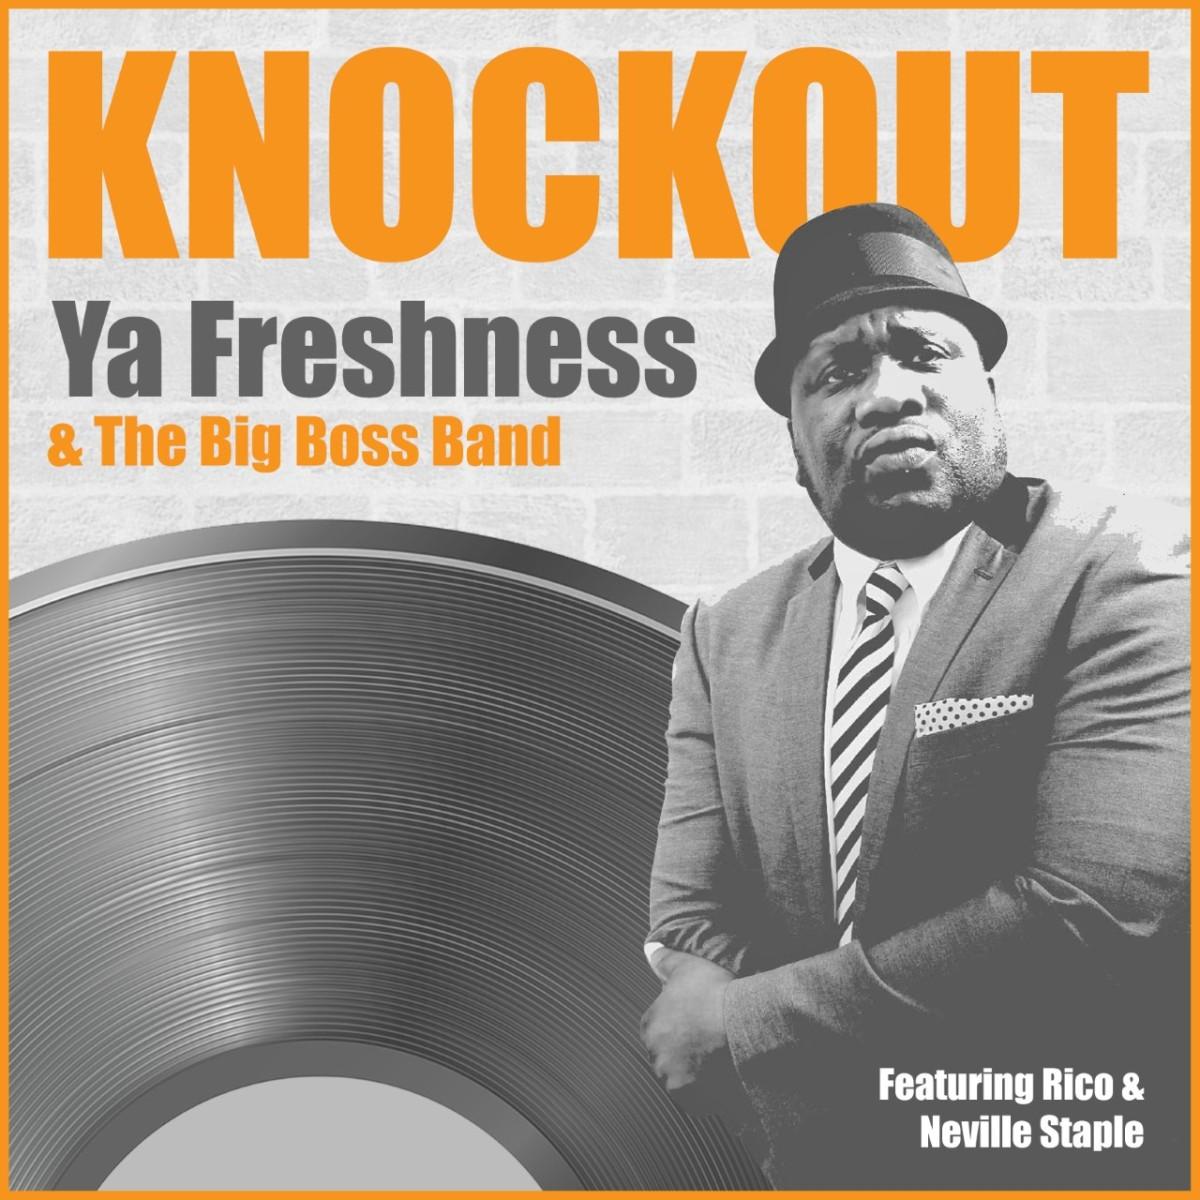 Ya Freshness isKnockout